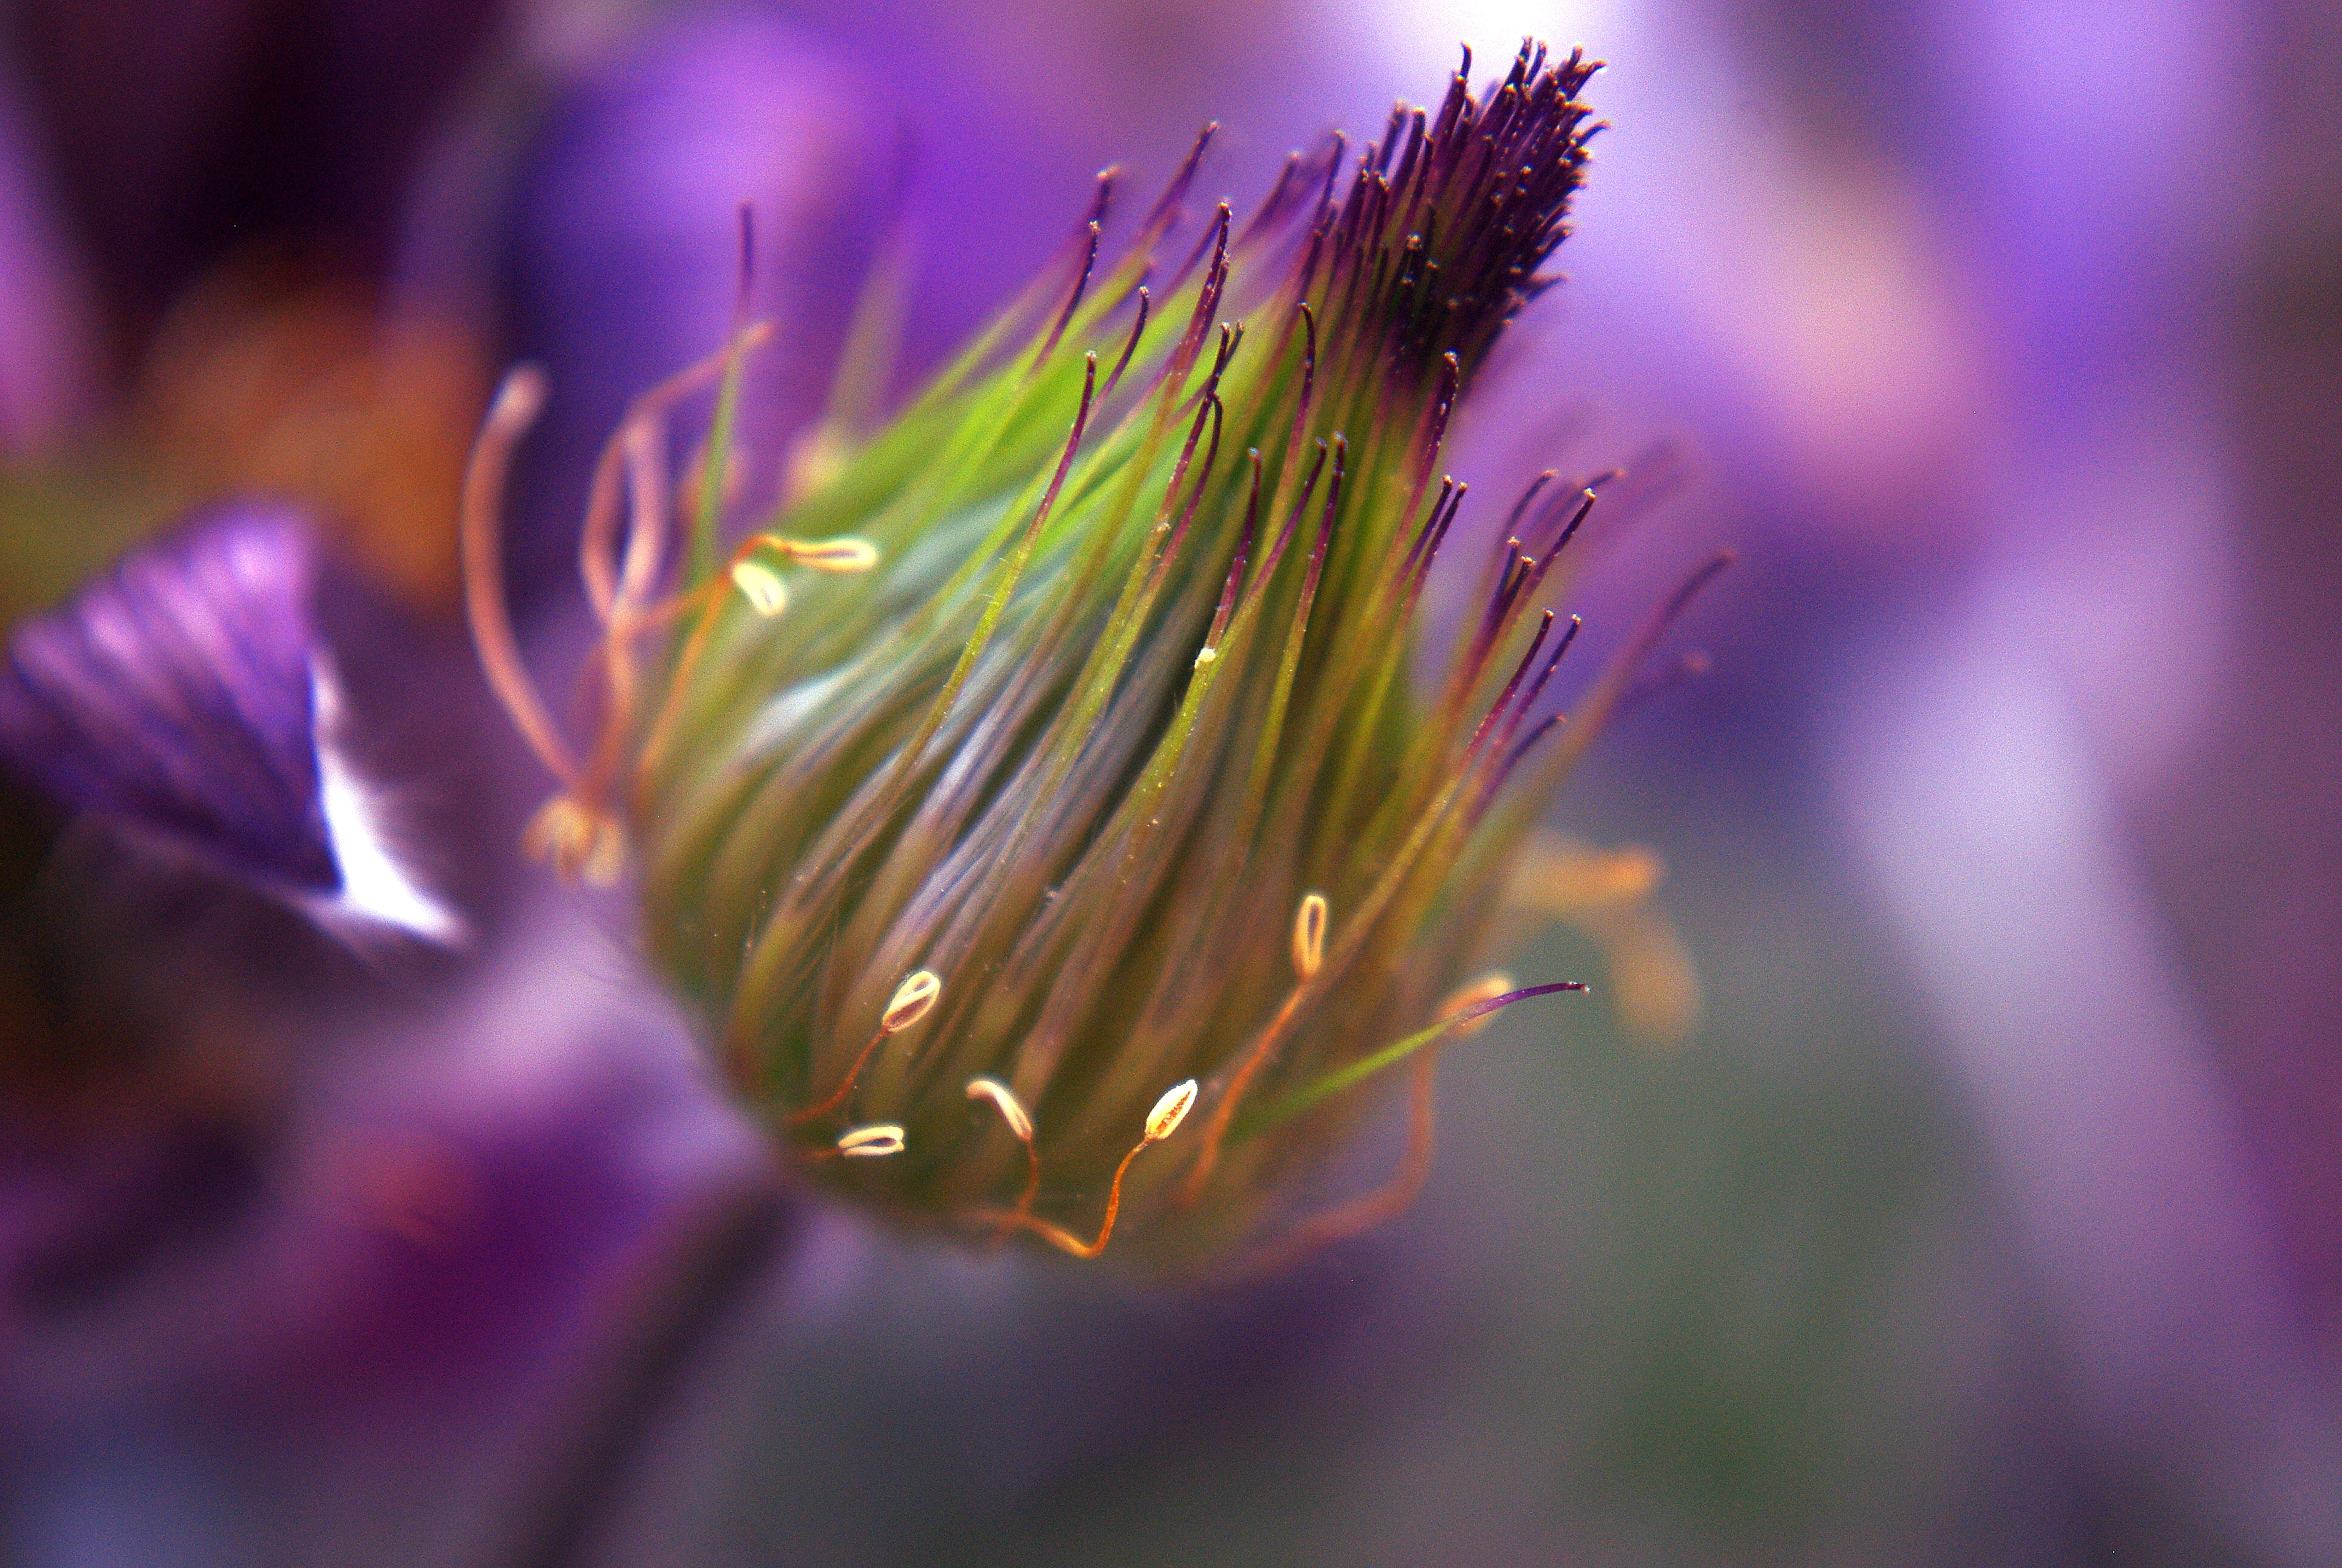 Nature, Beauty, Flower, Fresh, Freshness, HQ Photo